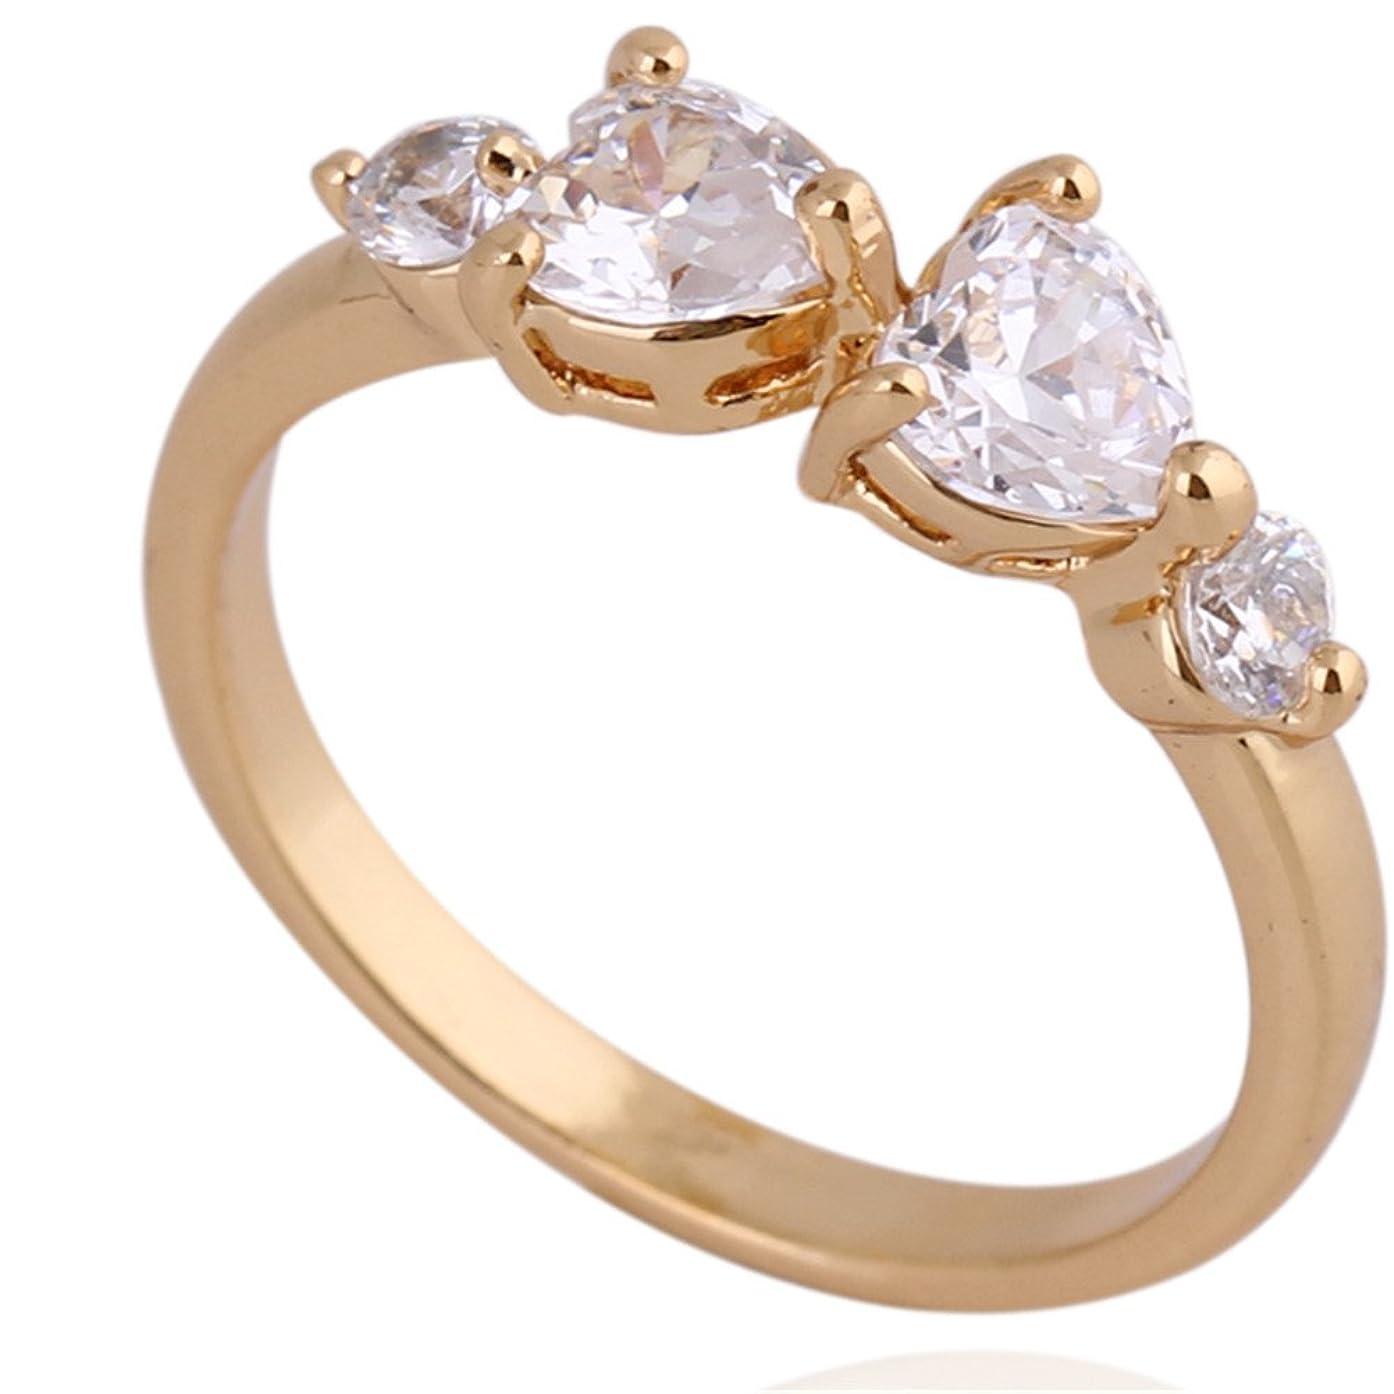 誇り歯痛ゴールOAKKY ヨーロッパスタイル レディース 金メッキ リング ハートのAAAグレードジルコン 婚約、結婚 指輪 サイズ 19